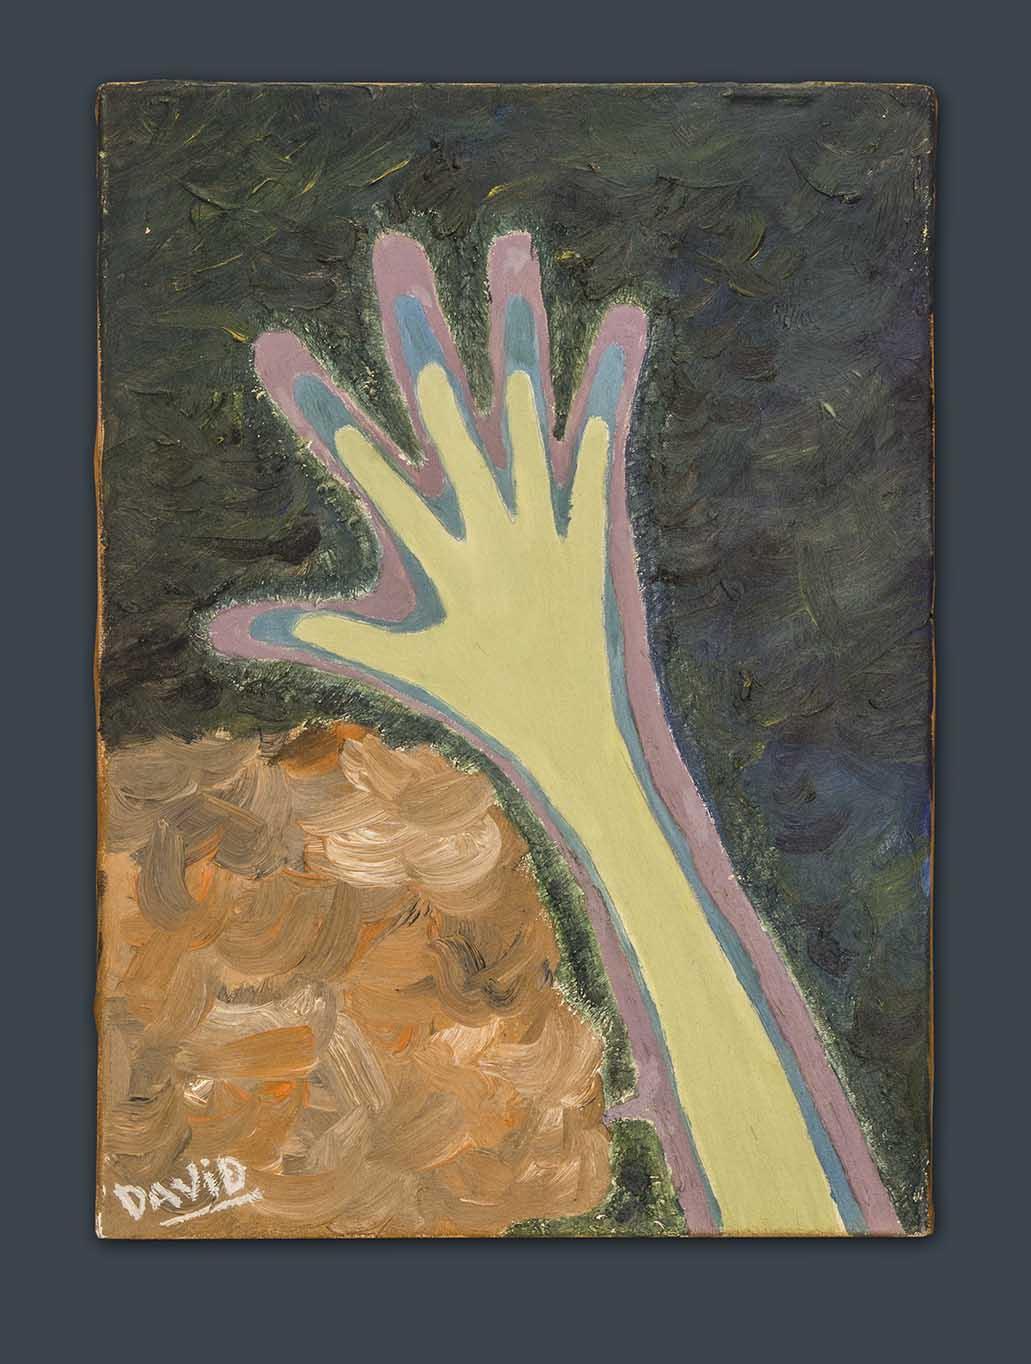 Insuflando vida pintura al óleo de David Pérez Pol